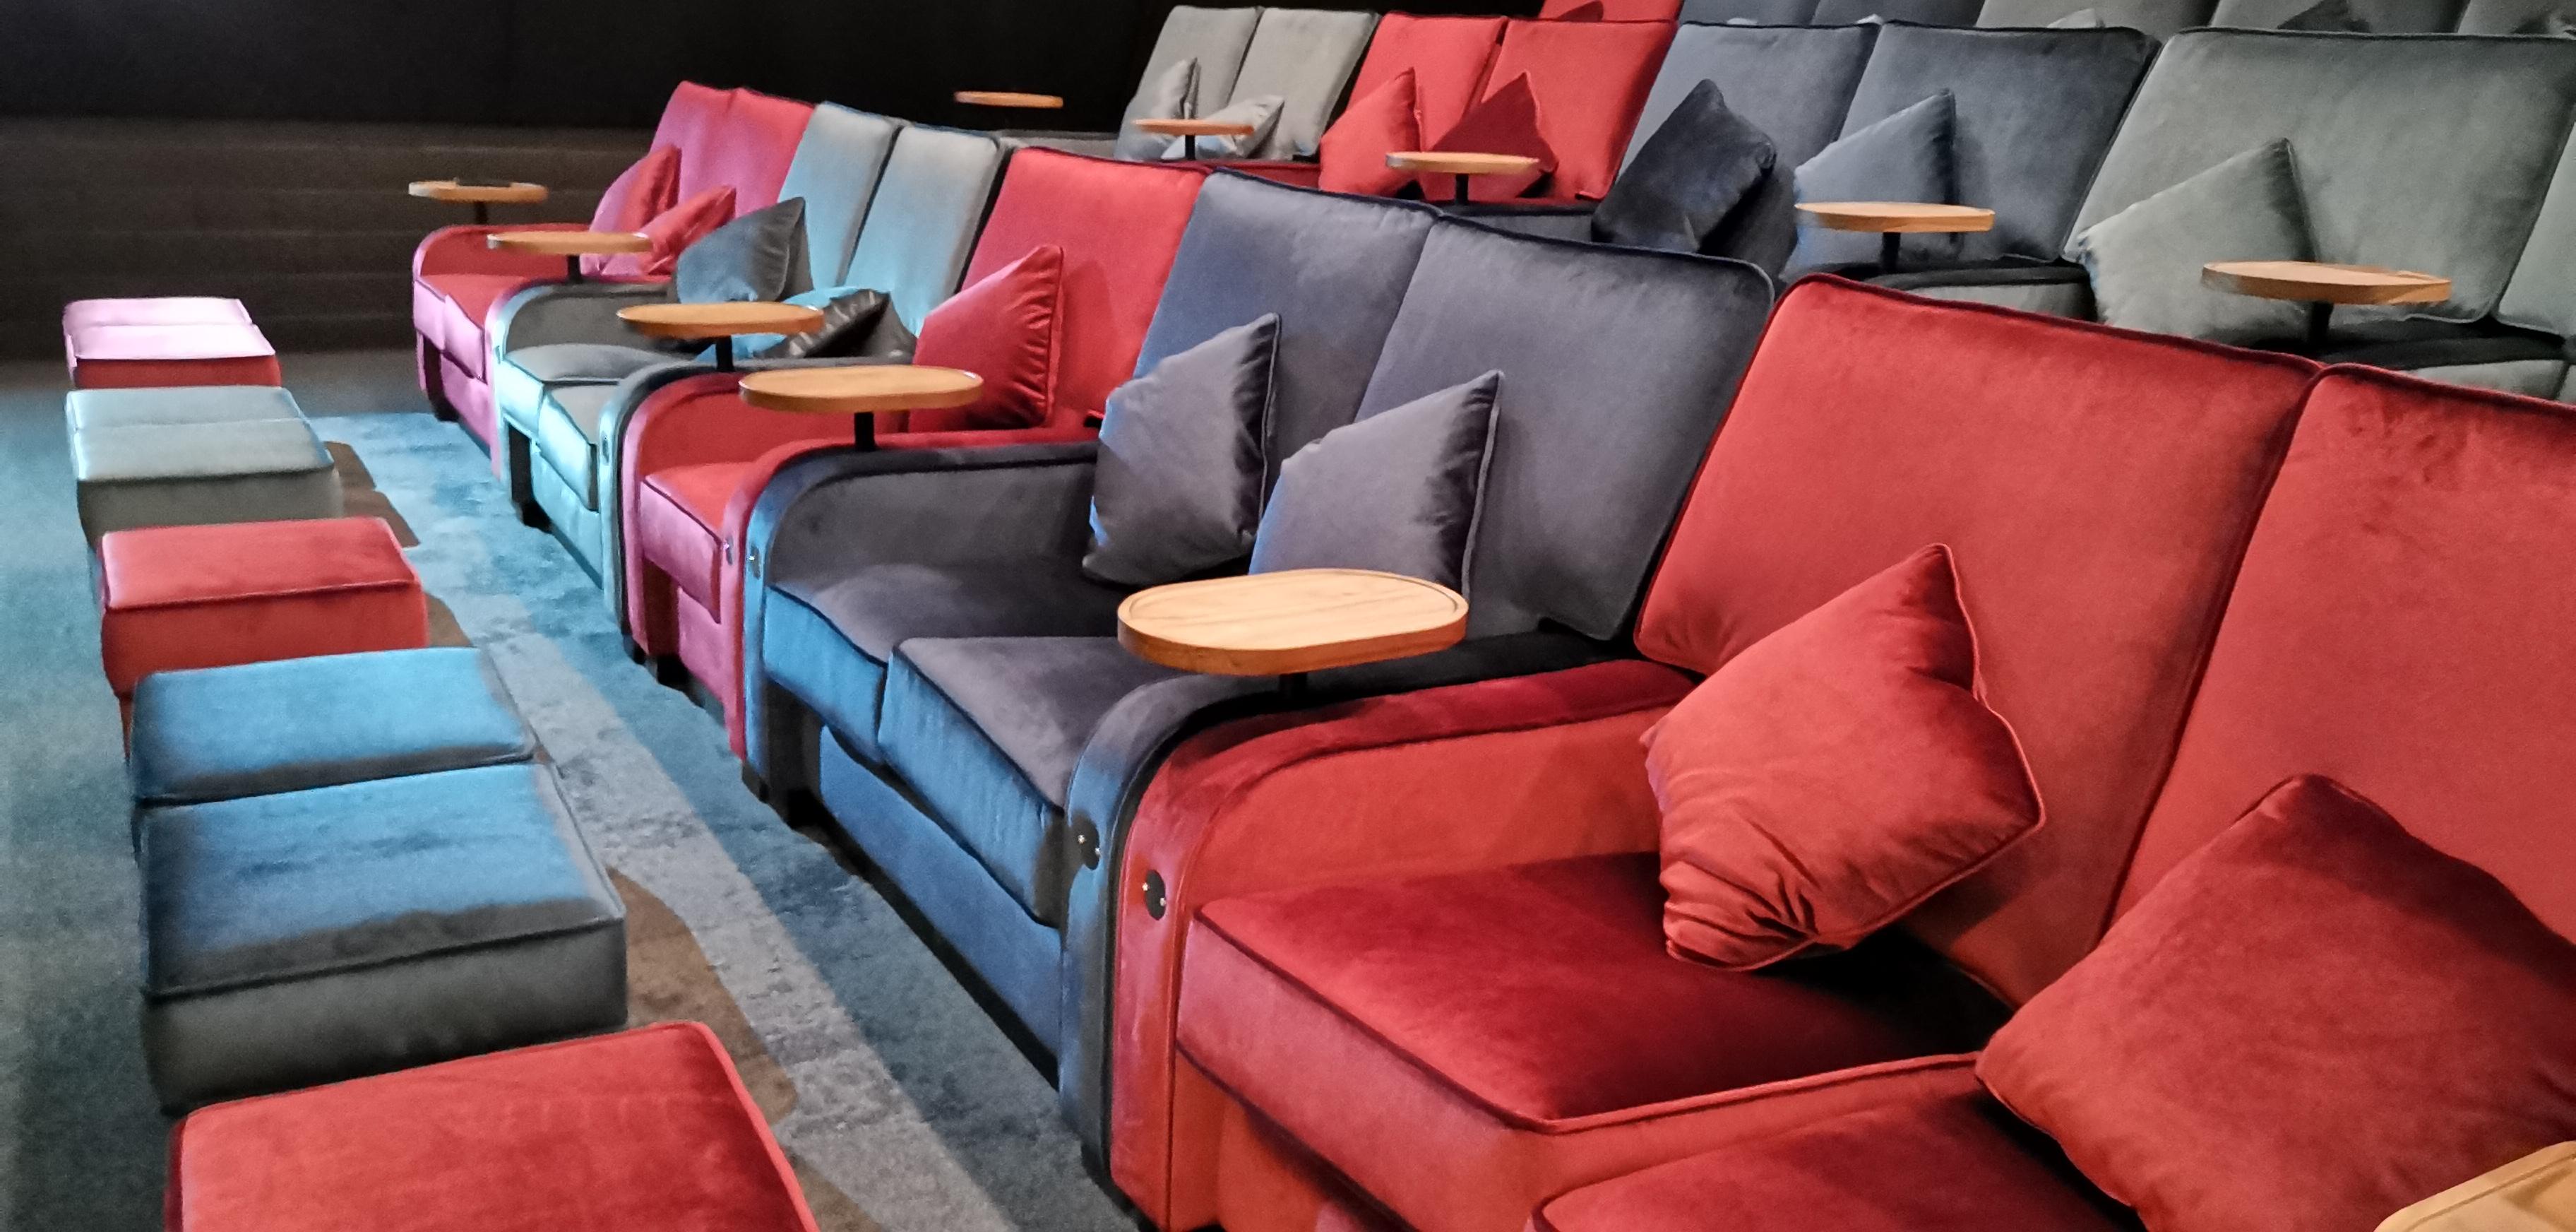 De sofa's van filmhuis Heerenstraattheater.